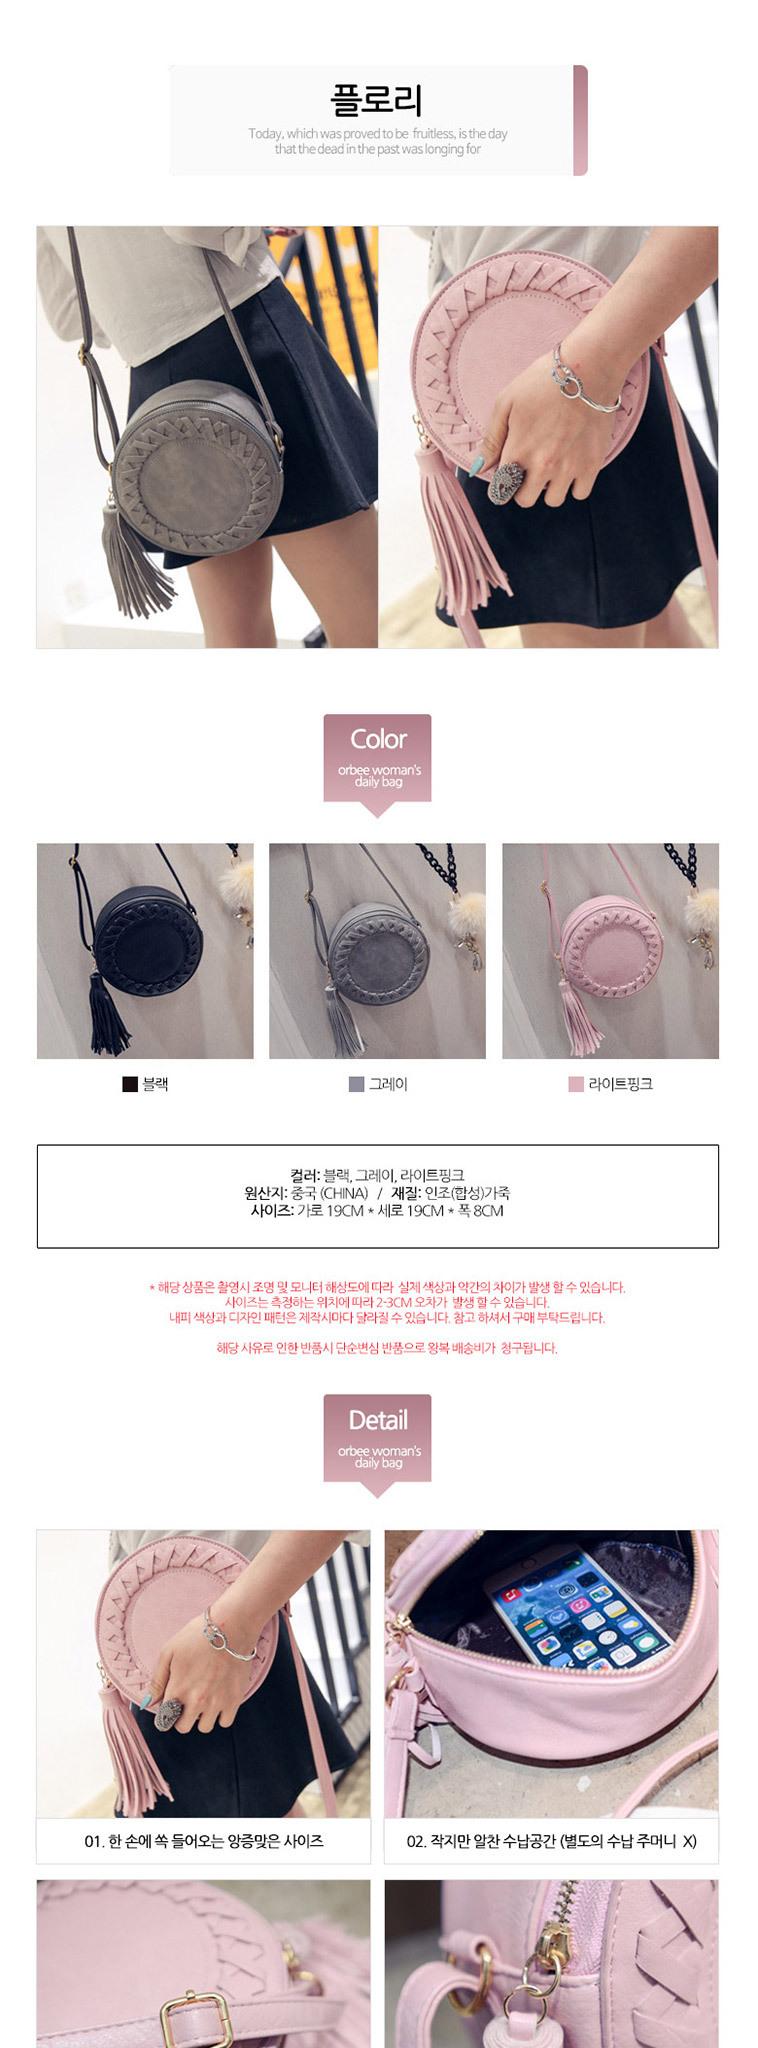 [마이컬러] 핑크 여성가방/토드백 - 상세정보